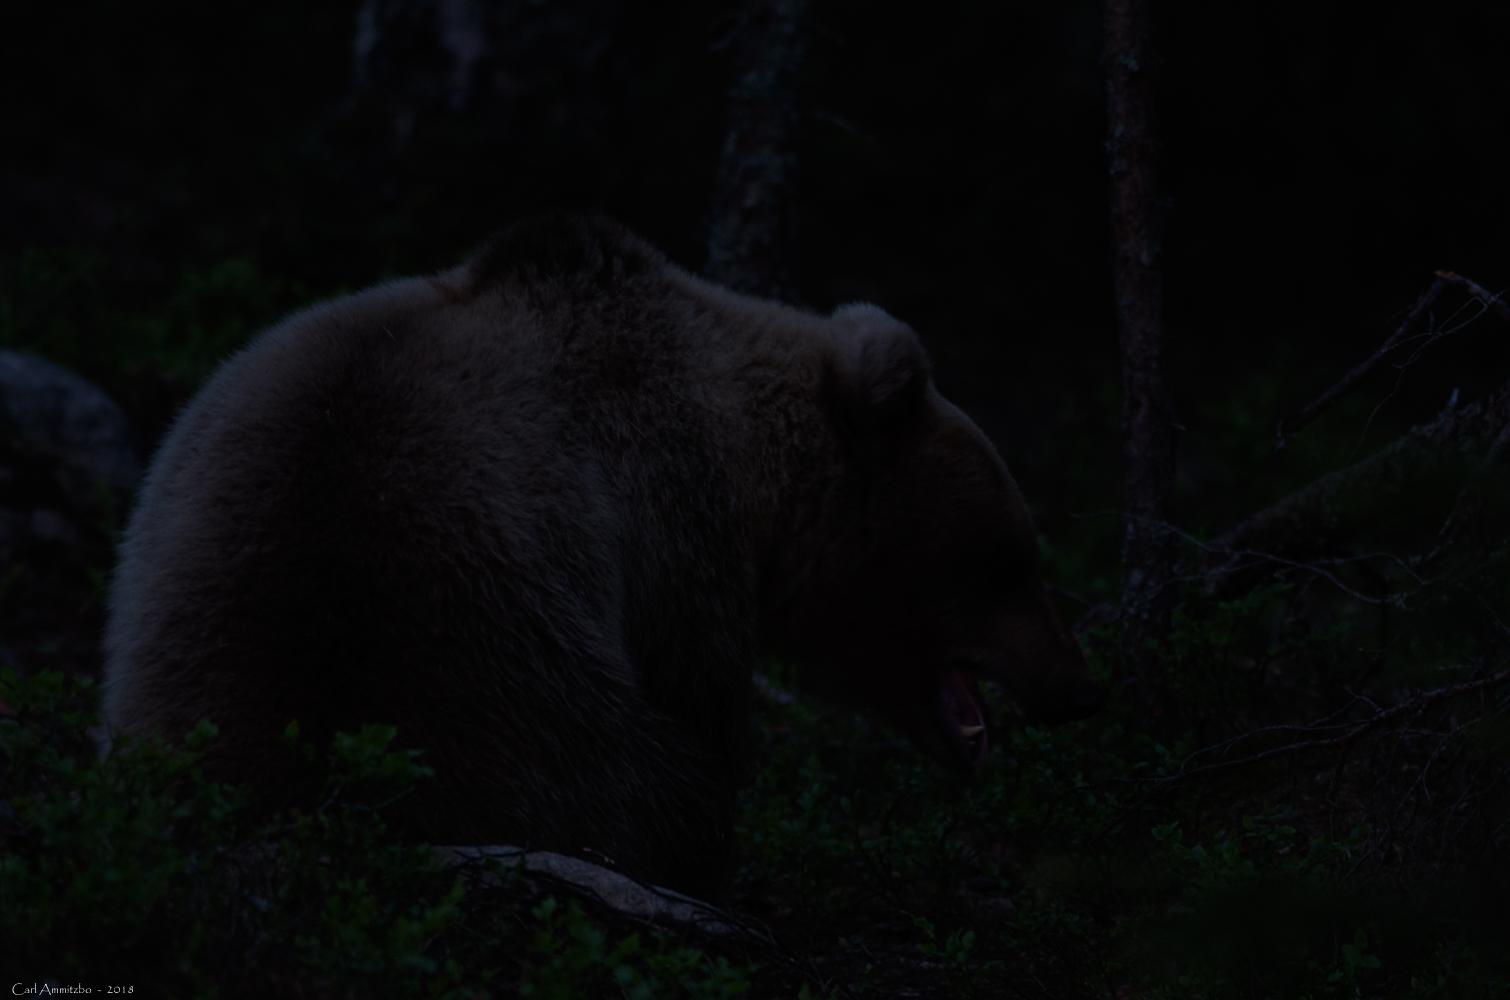 07 - 0521 - Brun bjørn - 99 - Bergslagen